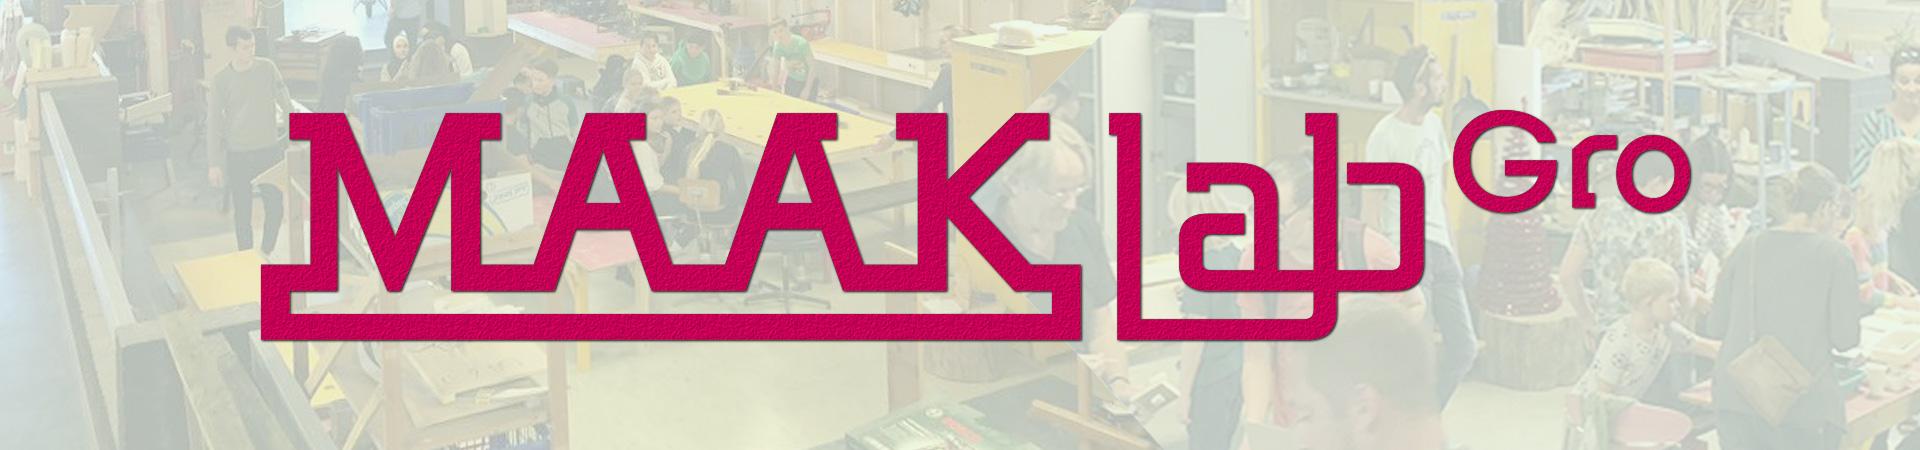 MaakLabgro-kunstonderwijs-skkek-kunsteducatie-maakonderwijs-onderwijs-header-rood